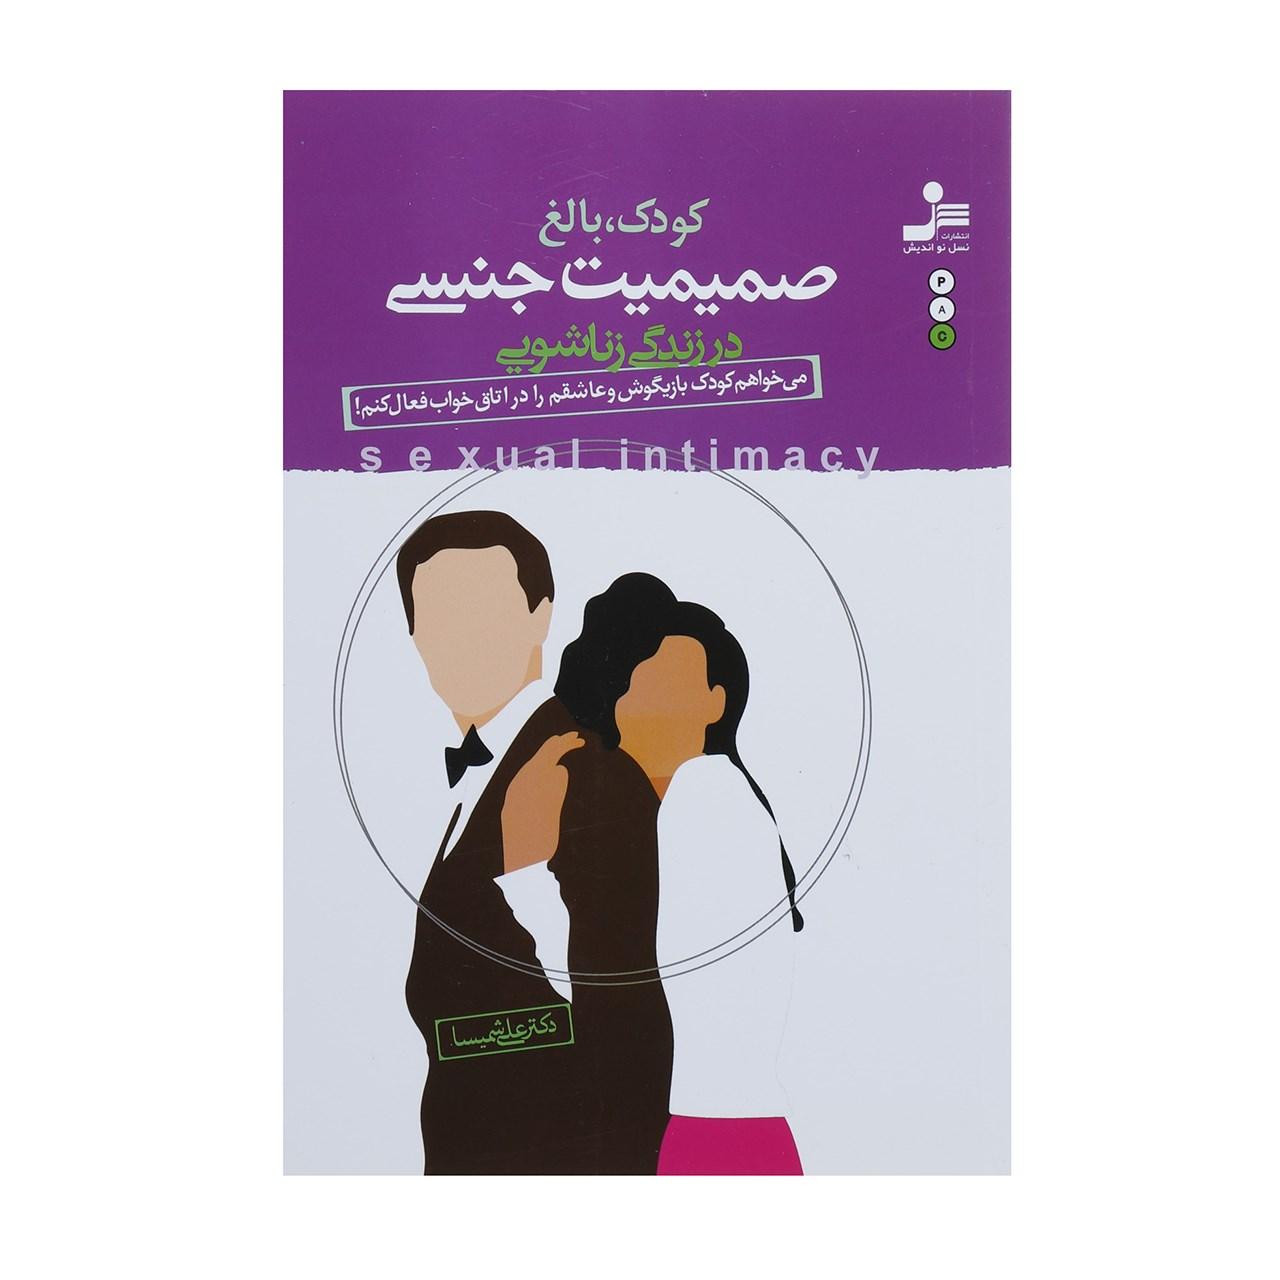 کتاب صمیمیت جنسی در زندگی زناشویی اثر علی شمیسا